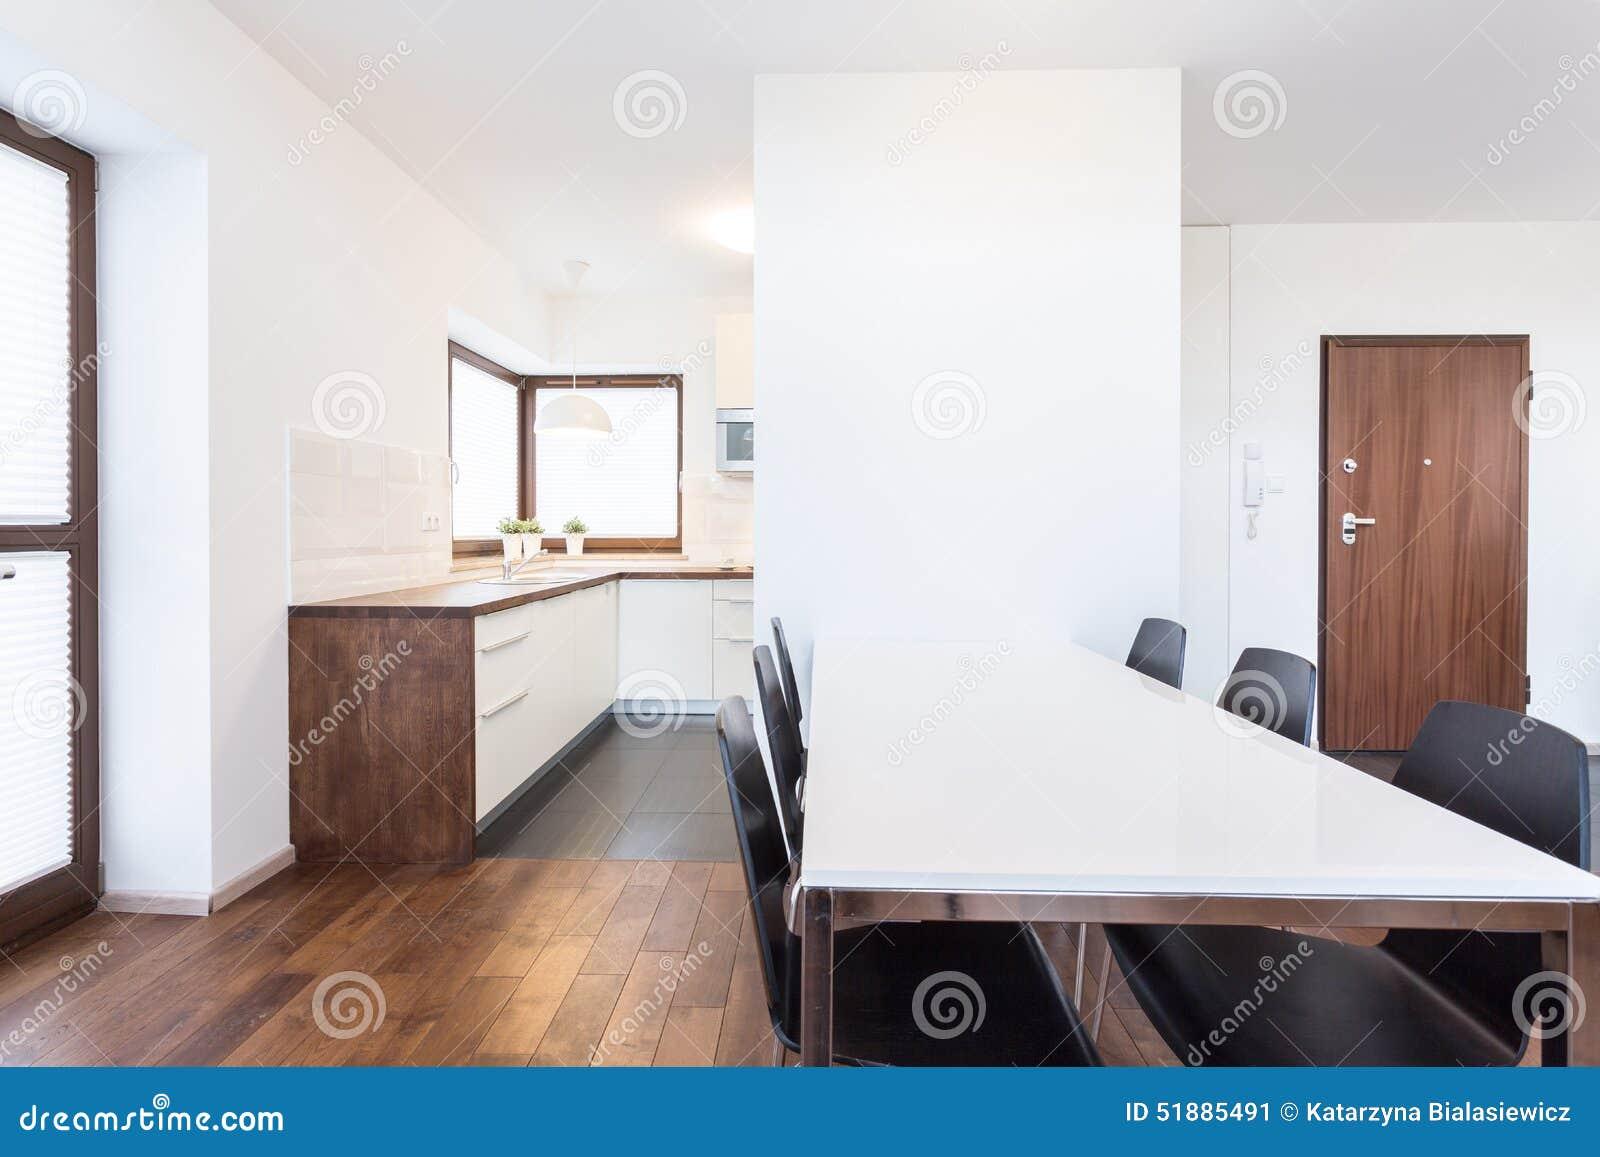 Eetkamer Keuken Open : Open keuken en eetkamer stock afbeelding afbeelding bestaande uit